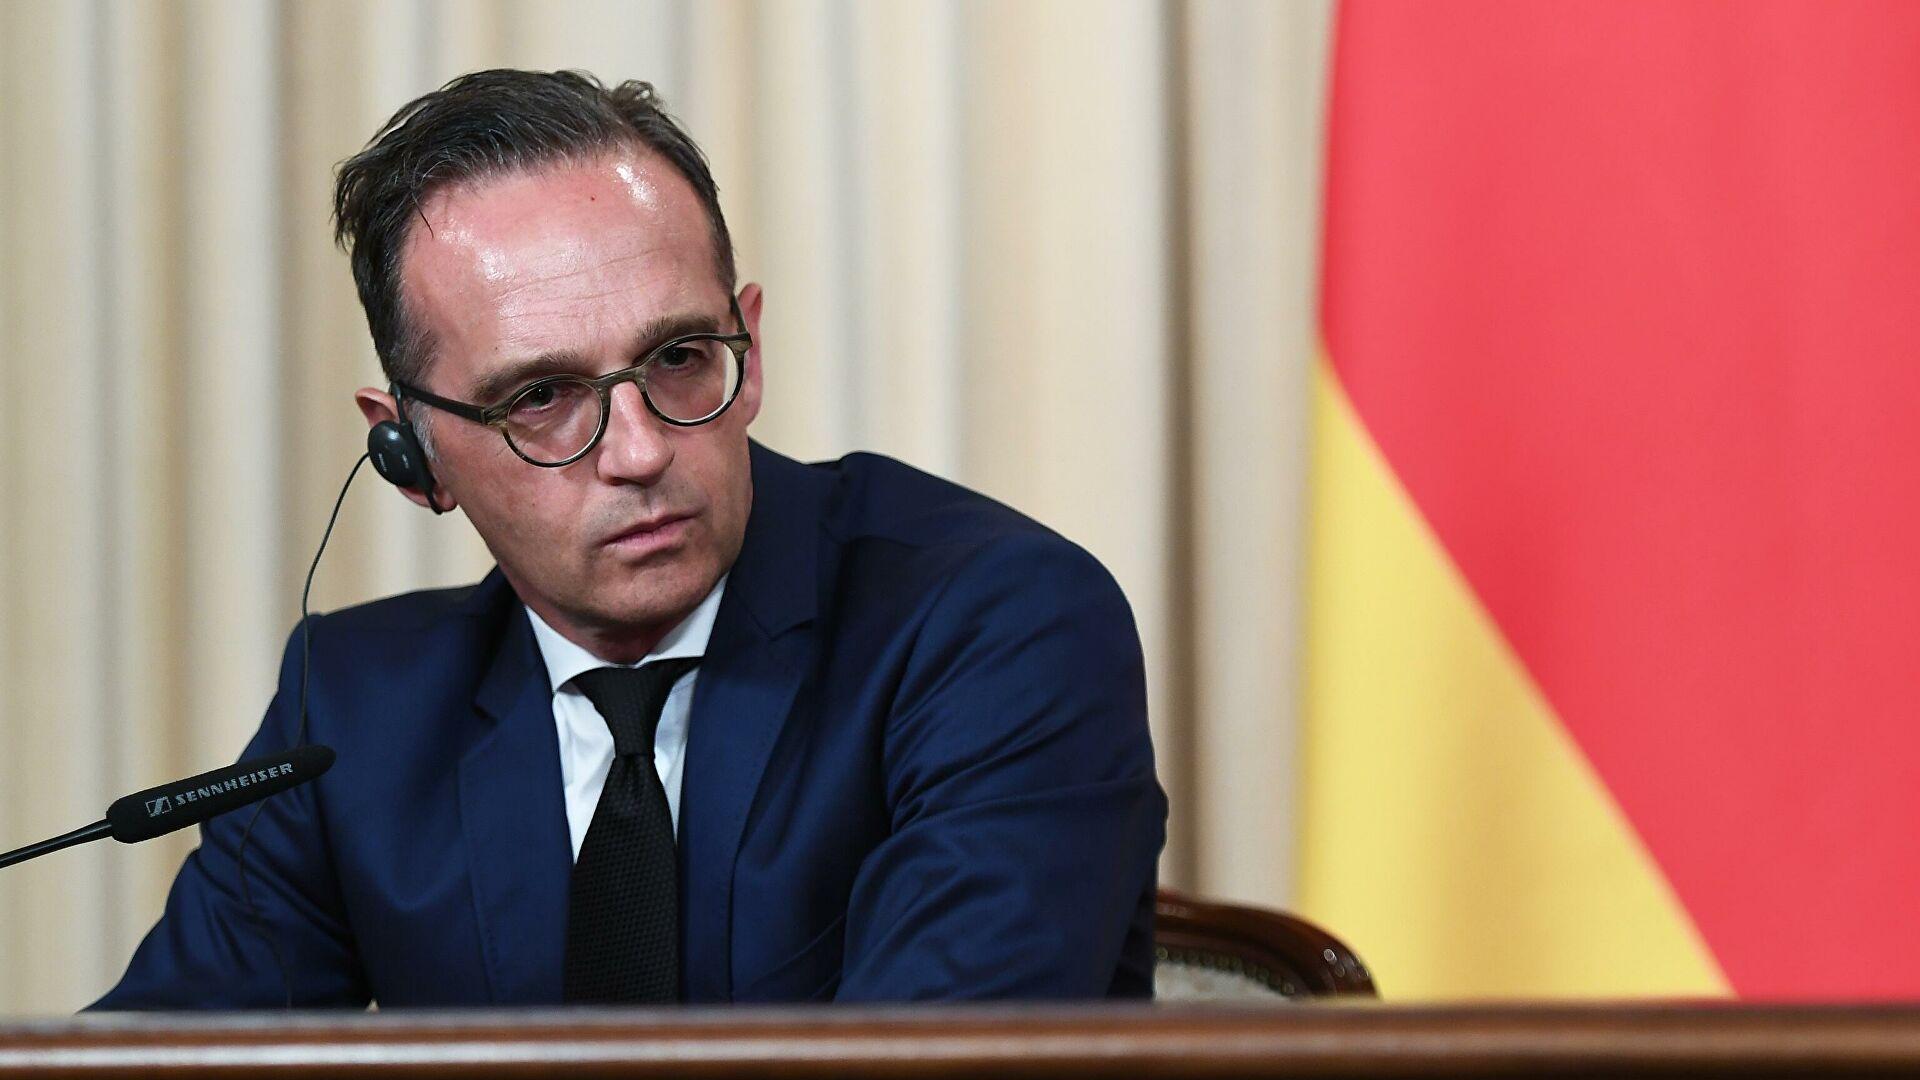 Глава МИД Германии рассказал о санкциях против Белоруссии